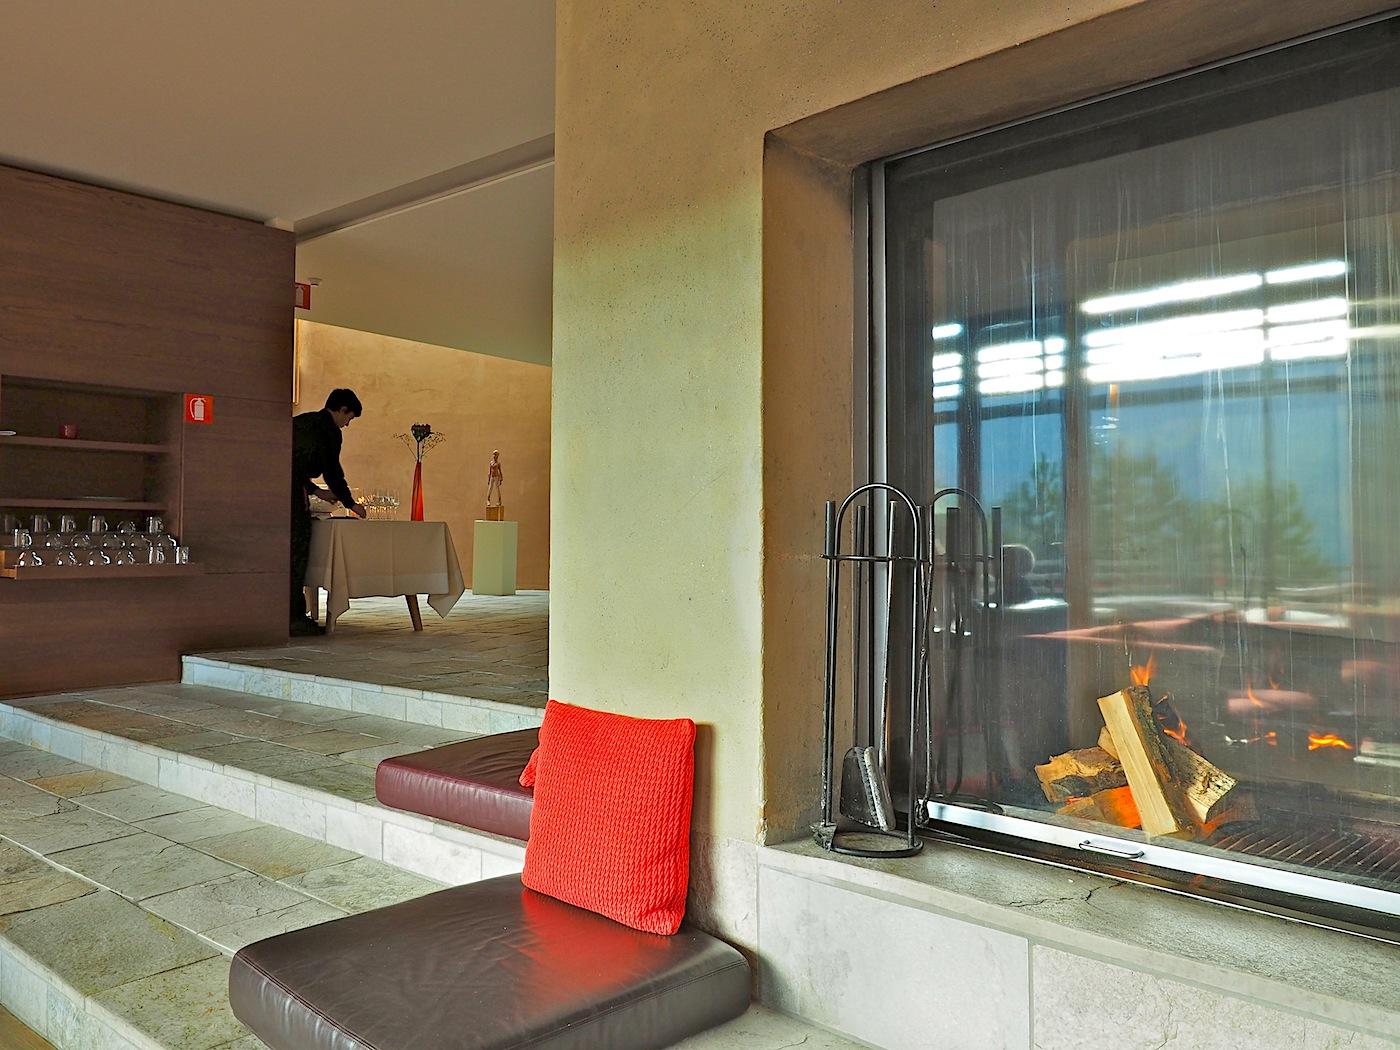 Piazza. Die zu einer Terrasse hin offene Lounge mit freistehendem Kamin bietet sich an für ein ungezwungenes Beisammensein.